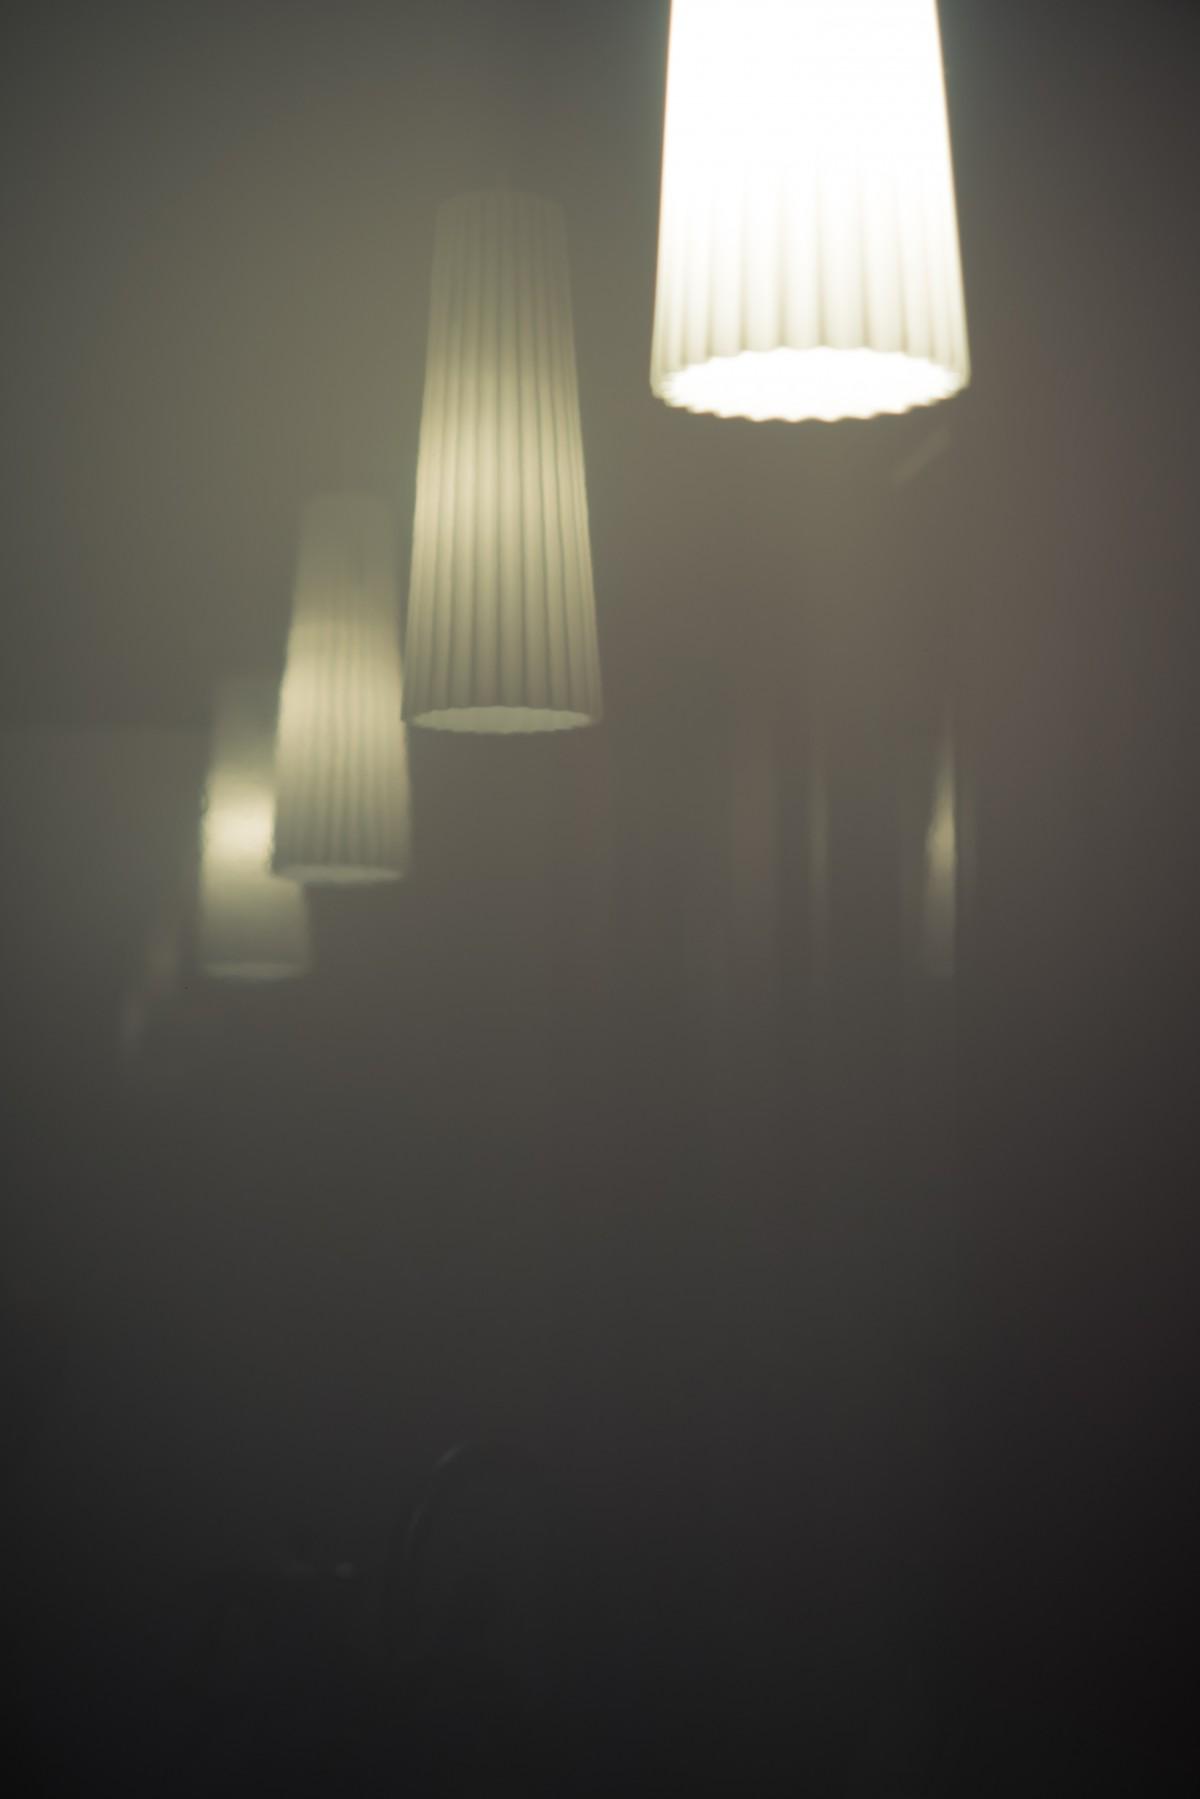 kostenlose foto licht holz wei mauer decke. Black Bedroom Furniture Sets. Home Design Ideas